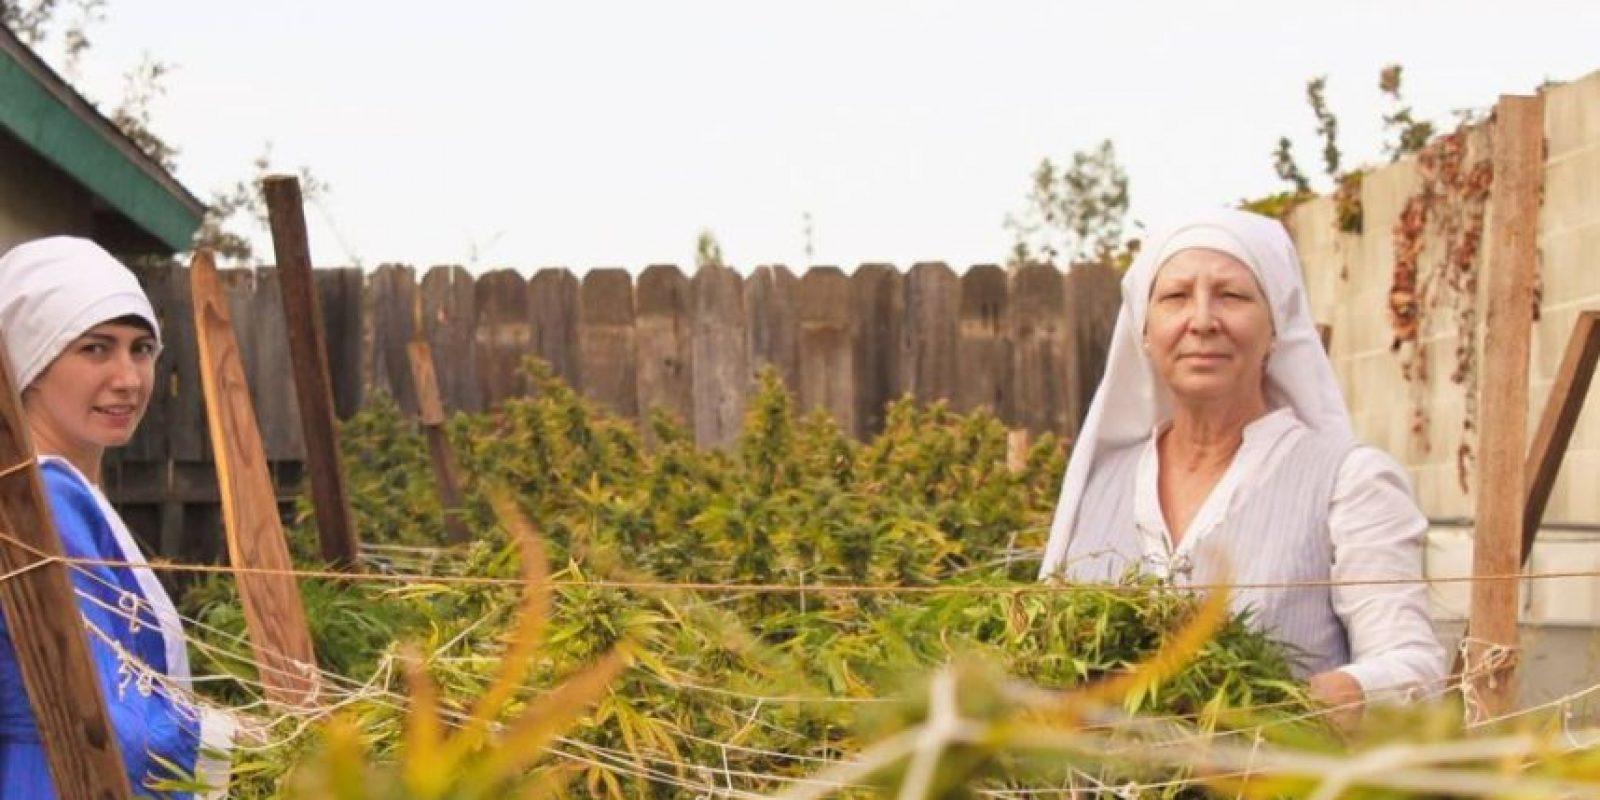 El uso de la marihuana puede tener una amplia gama de efectos en la salud física y mental. Foto:instagram.com/sistersofthevalley/